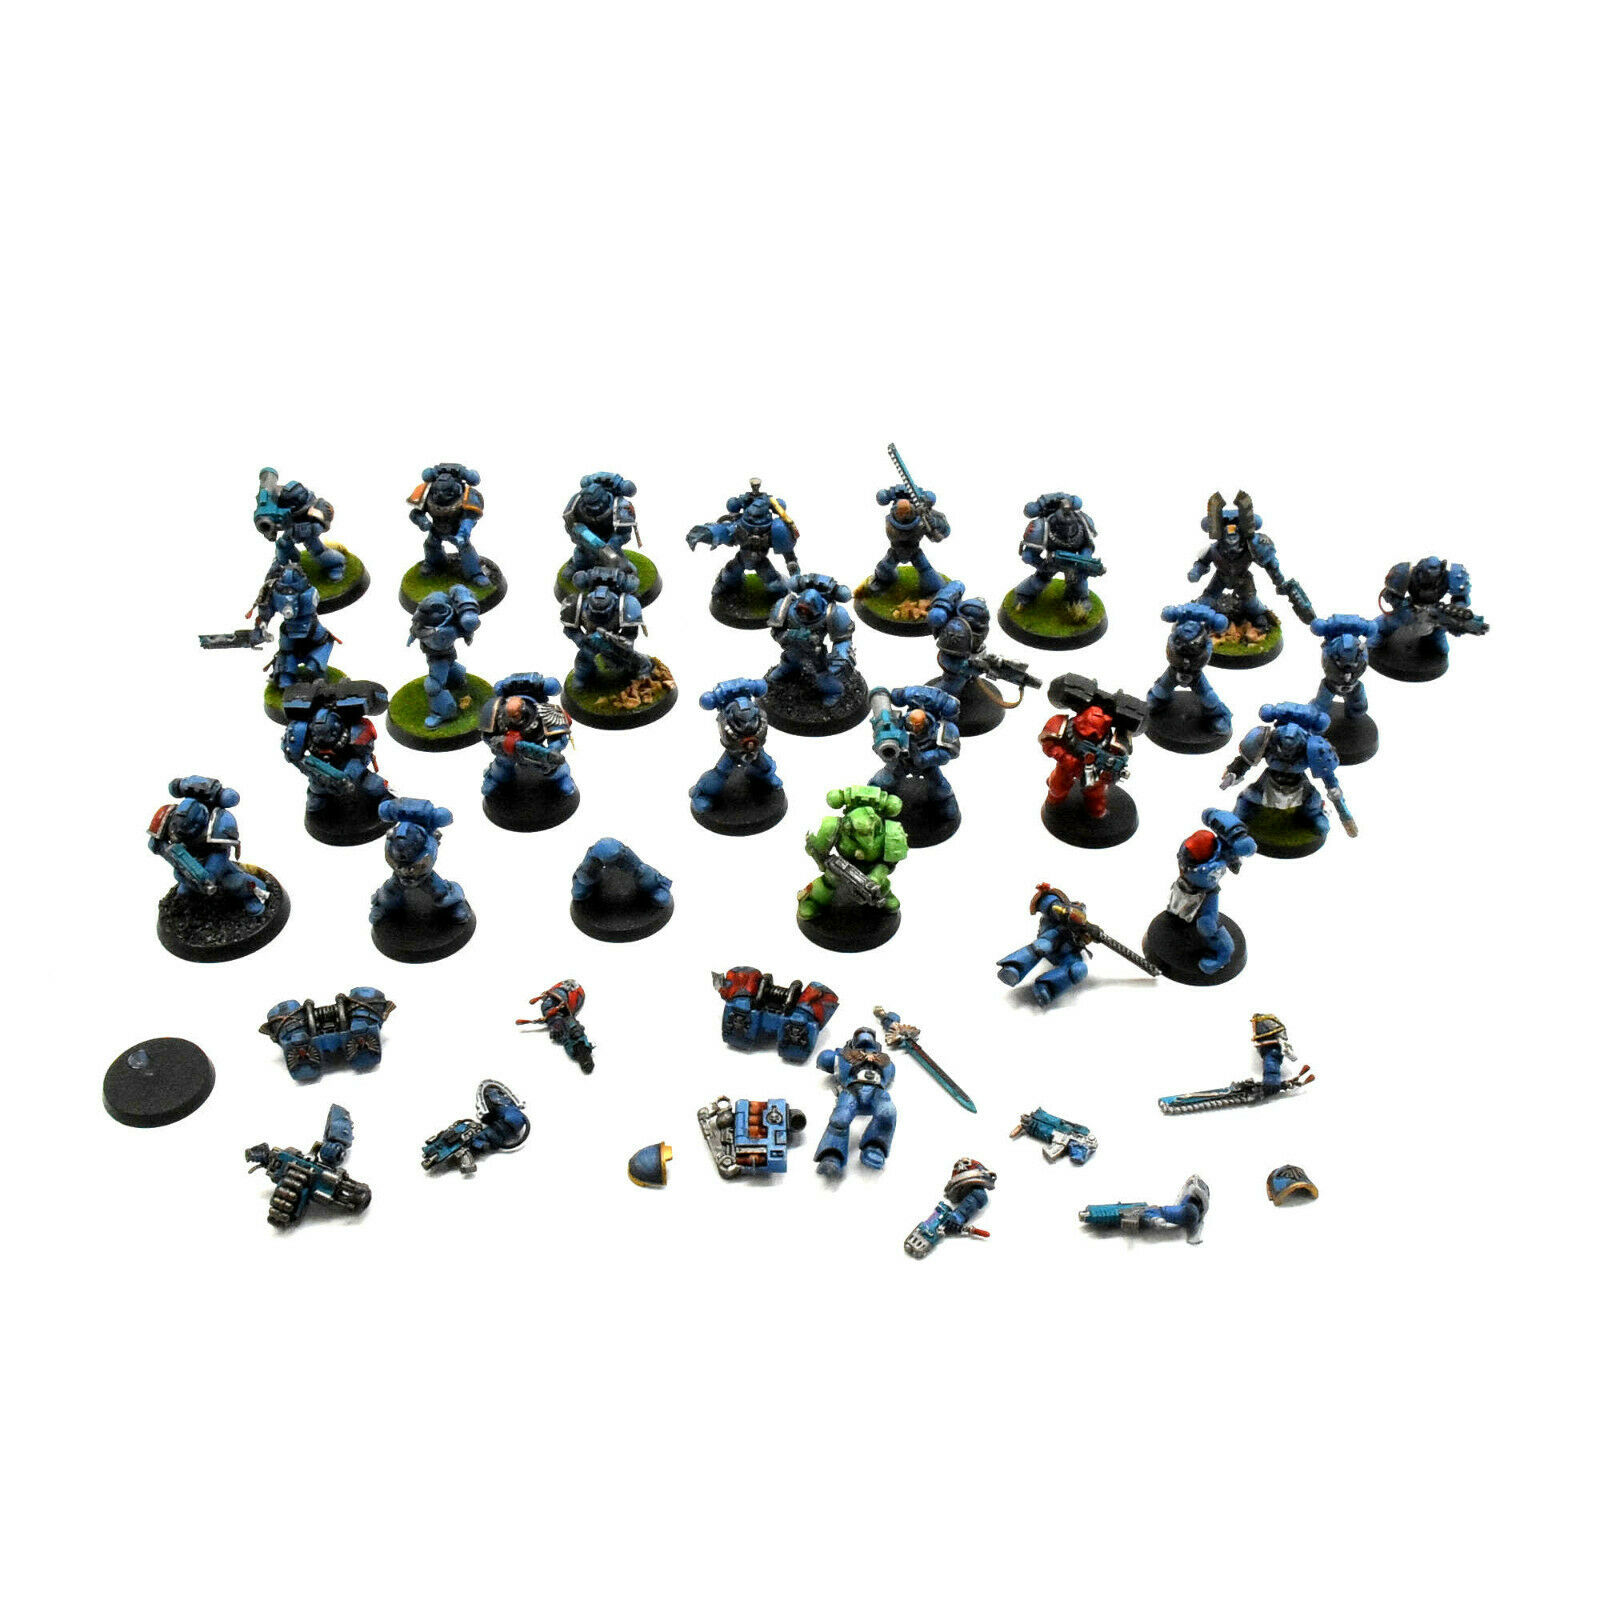 soporte minorista mayorista Marines espaciales 25 Marines devastadoras táctica de de de asalto  1 Warhammer 40K  excelentes precios